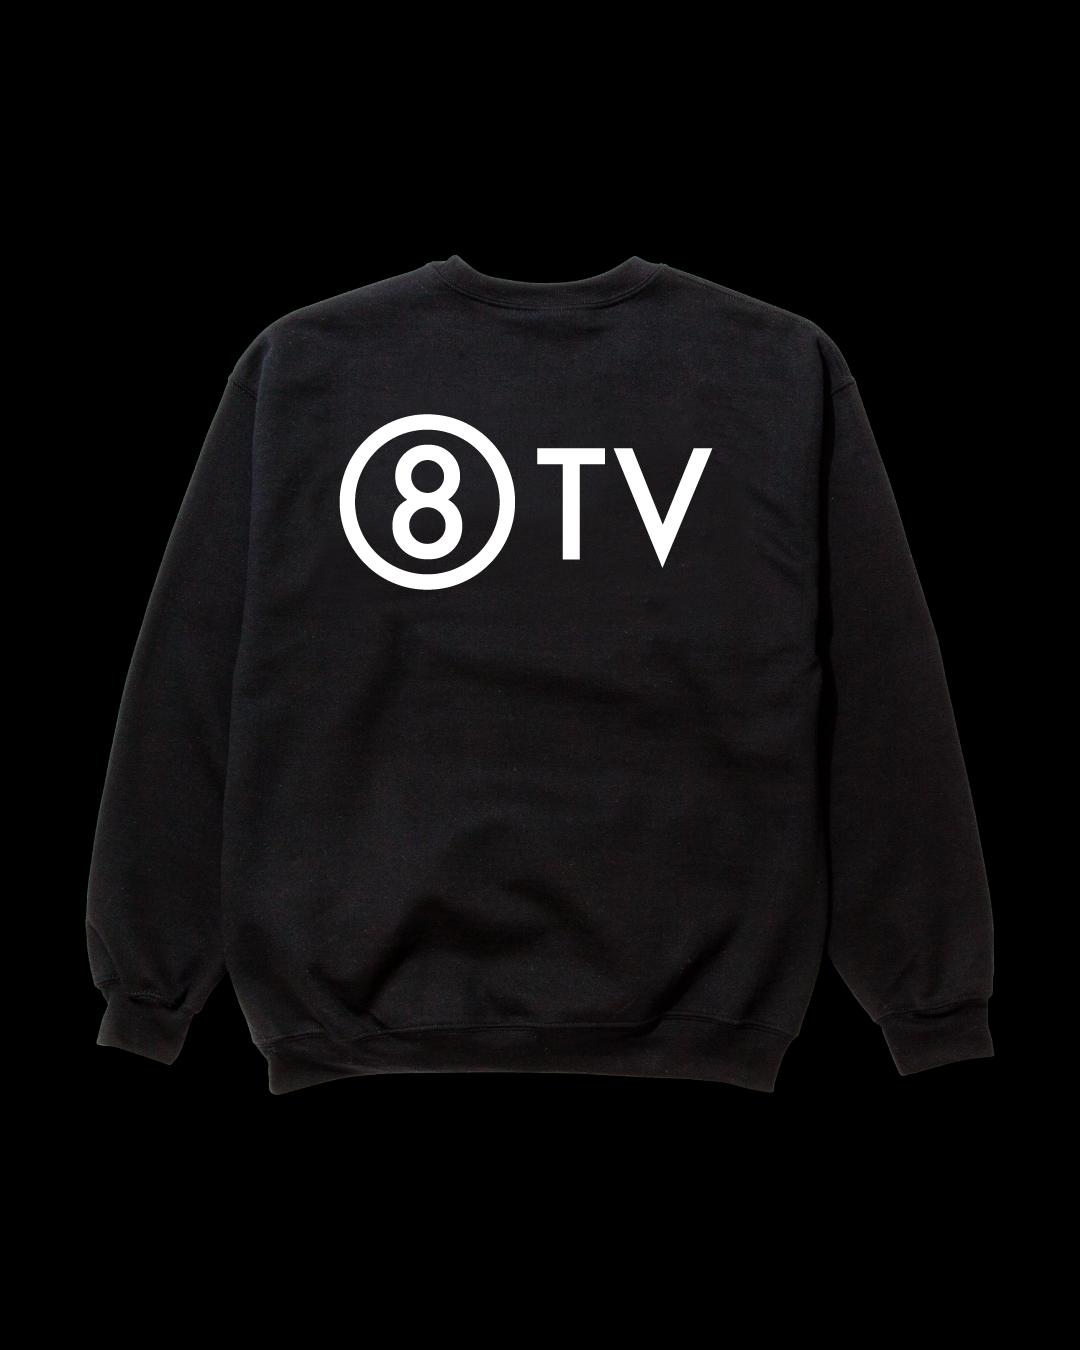 オンラインTV「8 BALL TV」<br>渋谷「16」に限定スタジオ